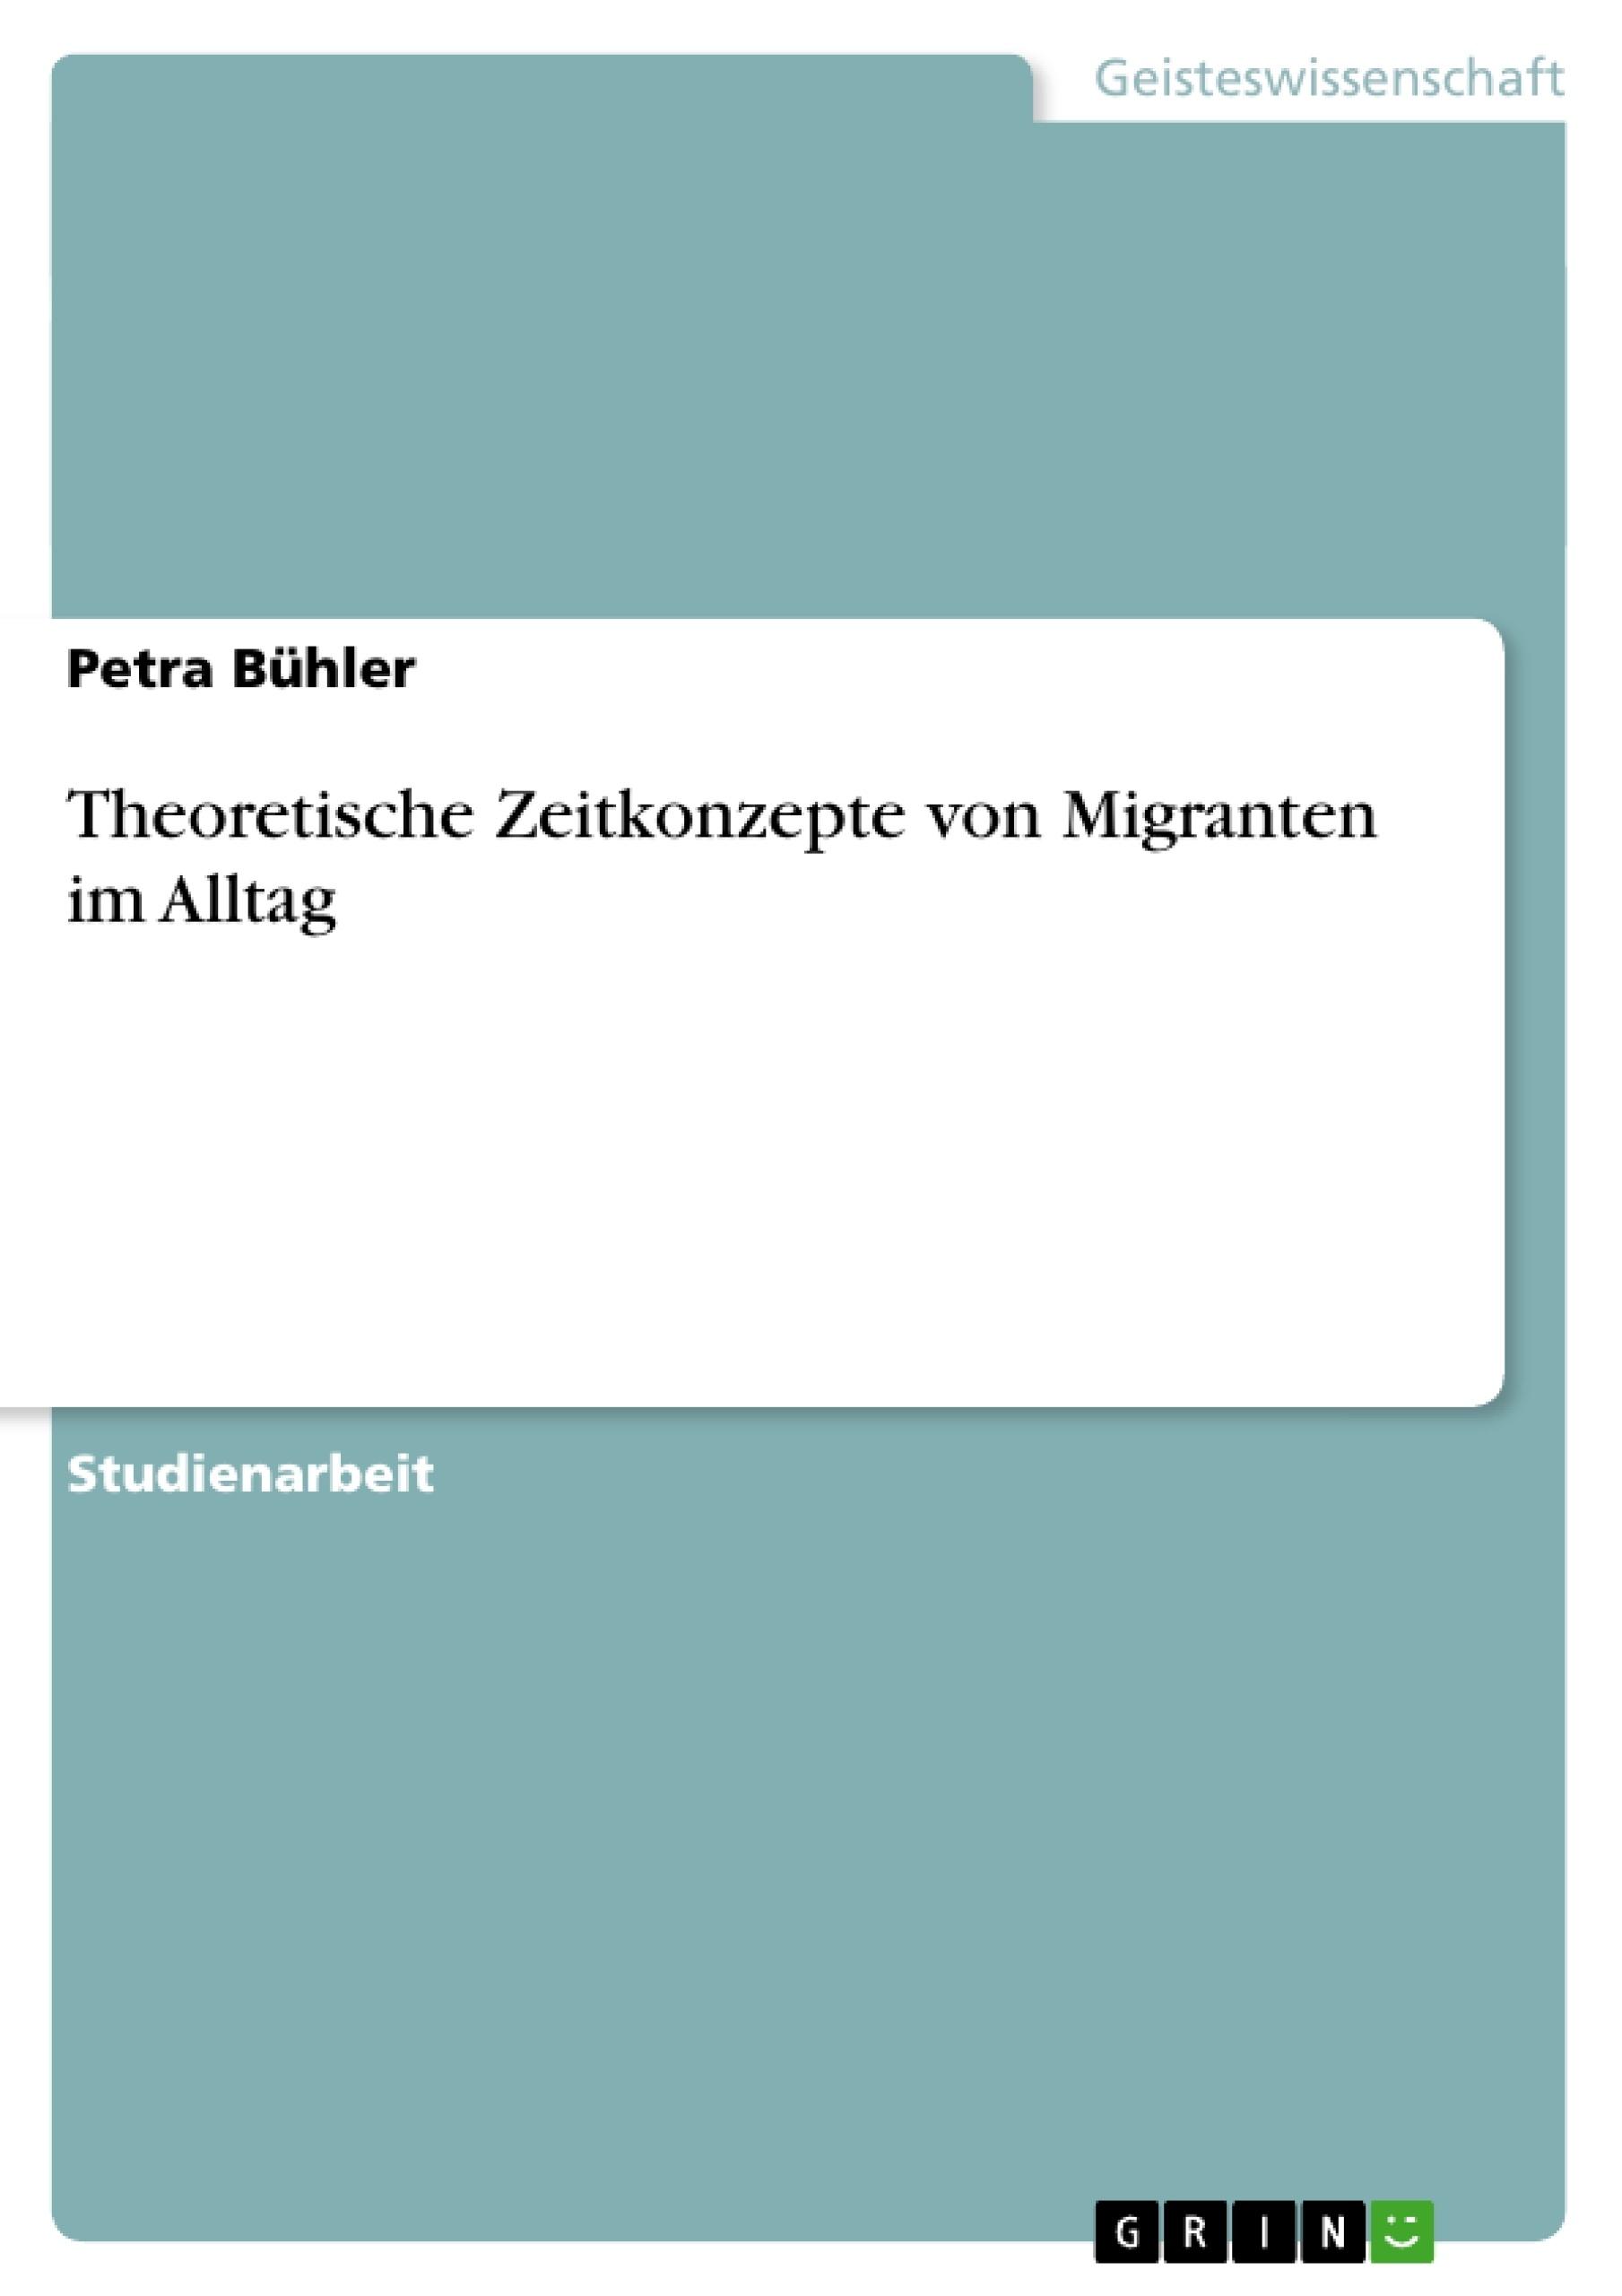 Titel: Theoretische Zeitkonzepte von Migranten im Alltag